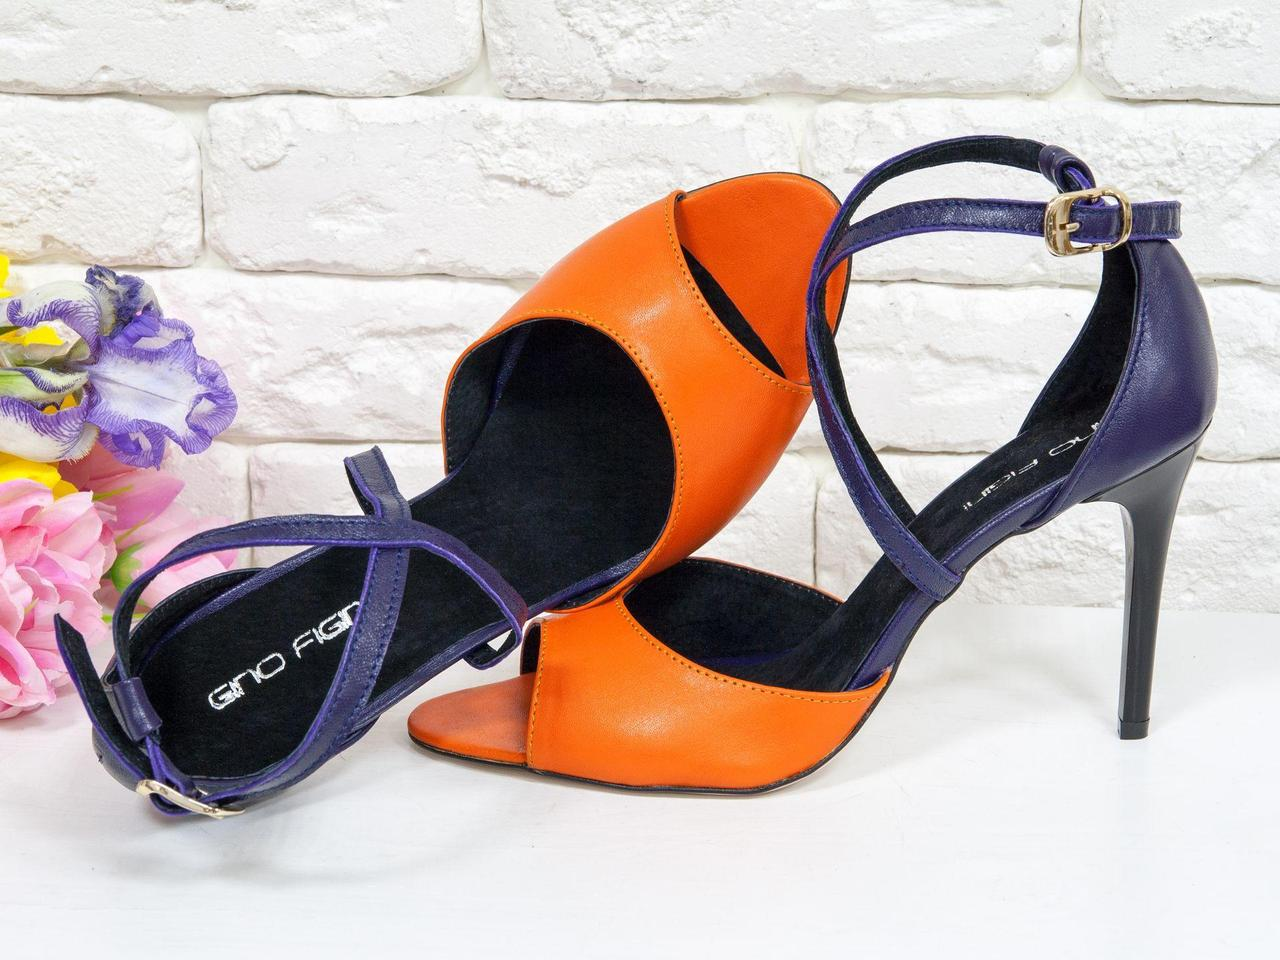 Стильные босоножки с открытым носиком из натуральной кожи оранжевого и фиолетового цвета, на каблуке-шпильке